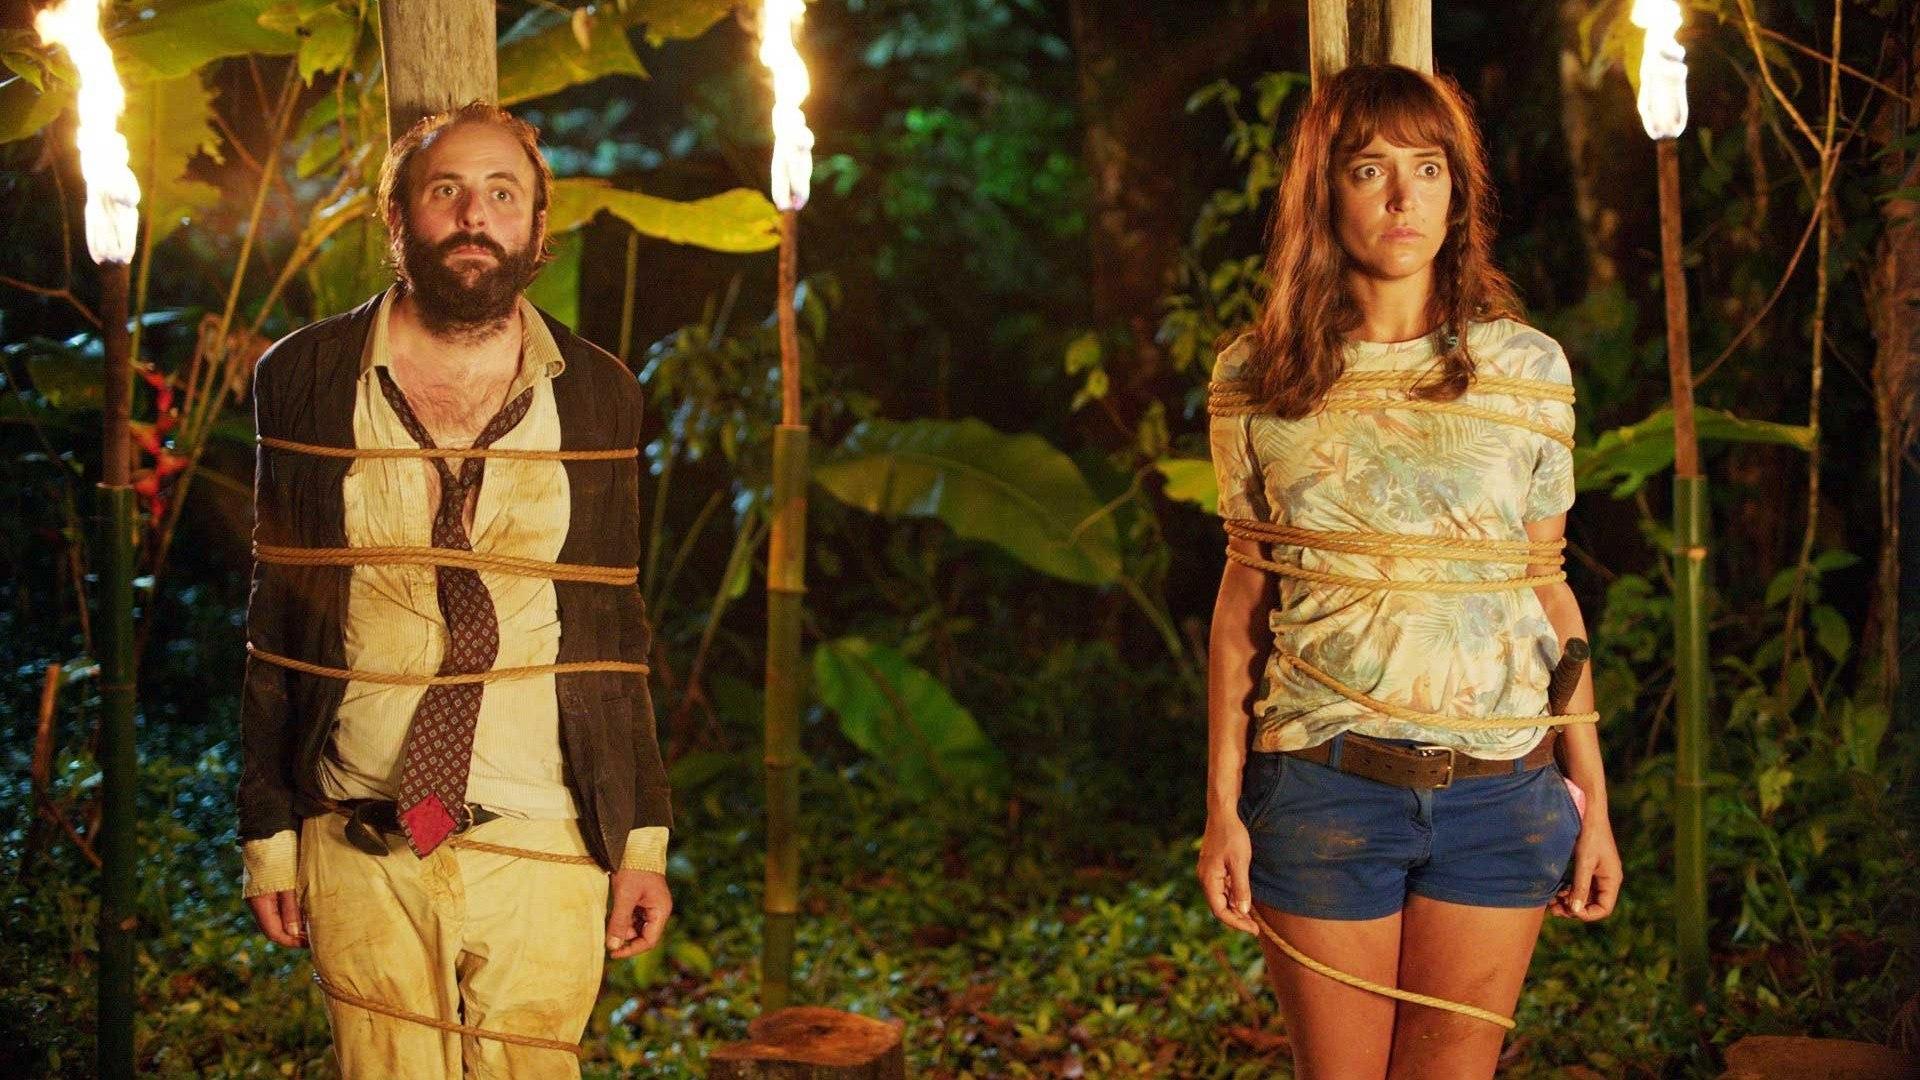 Giovedi 29 Ottobre 2020 Sky Cinema HD, La legge della giungla